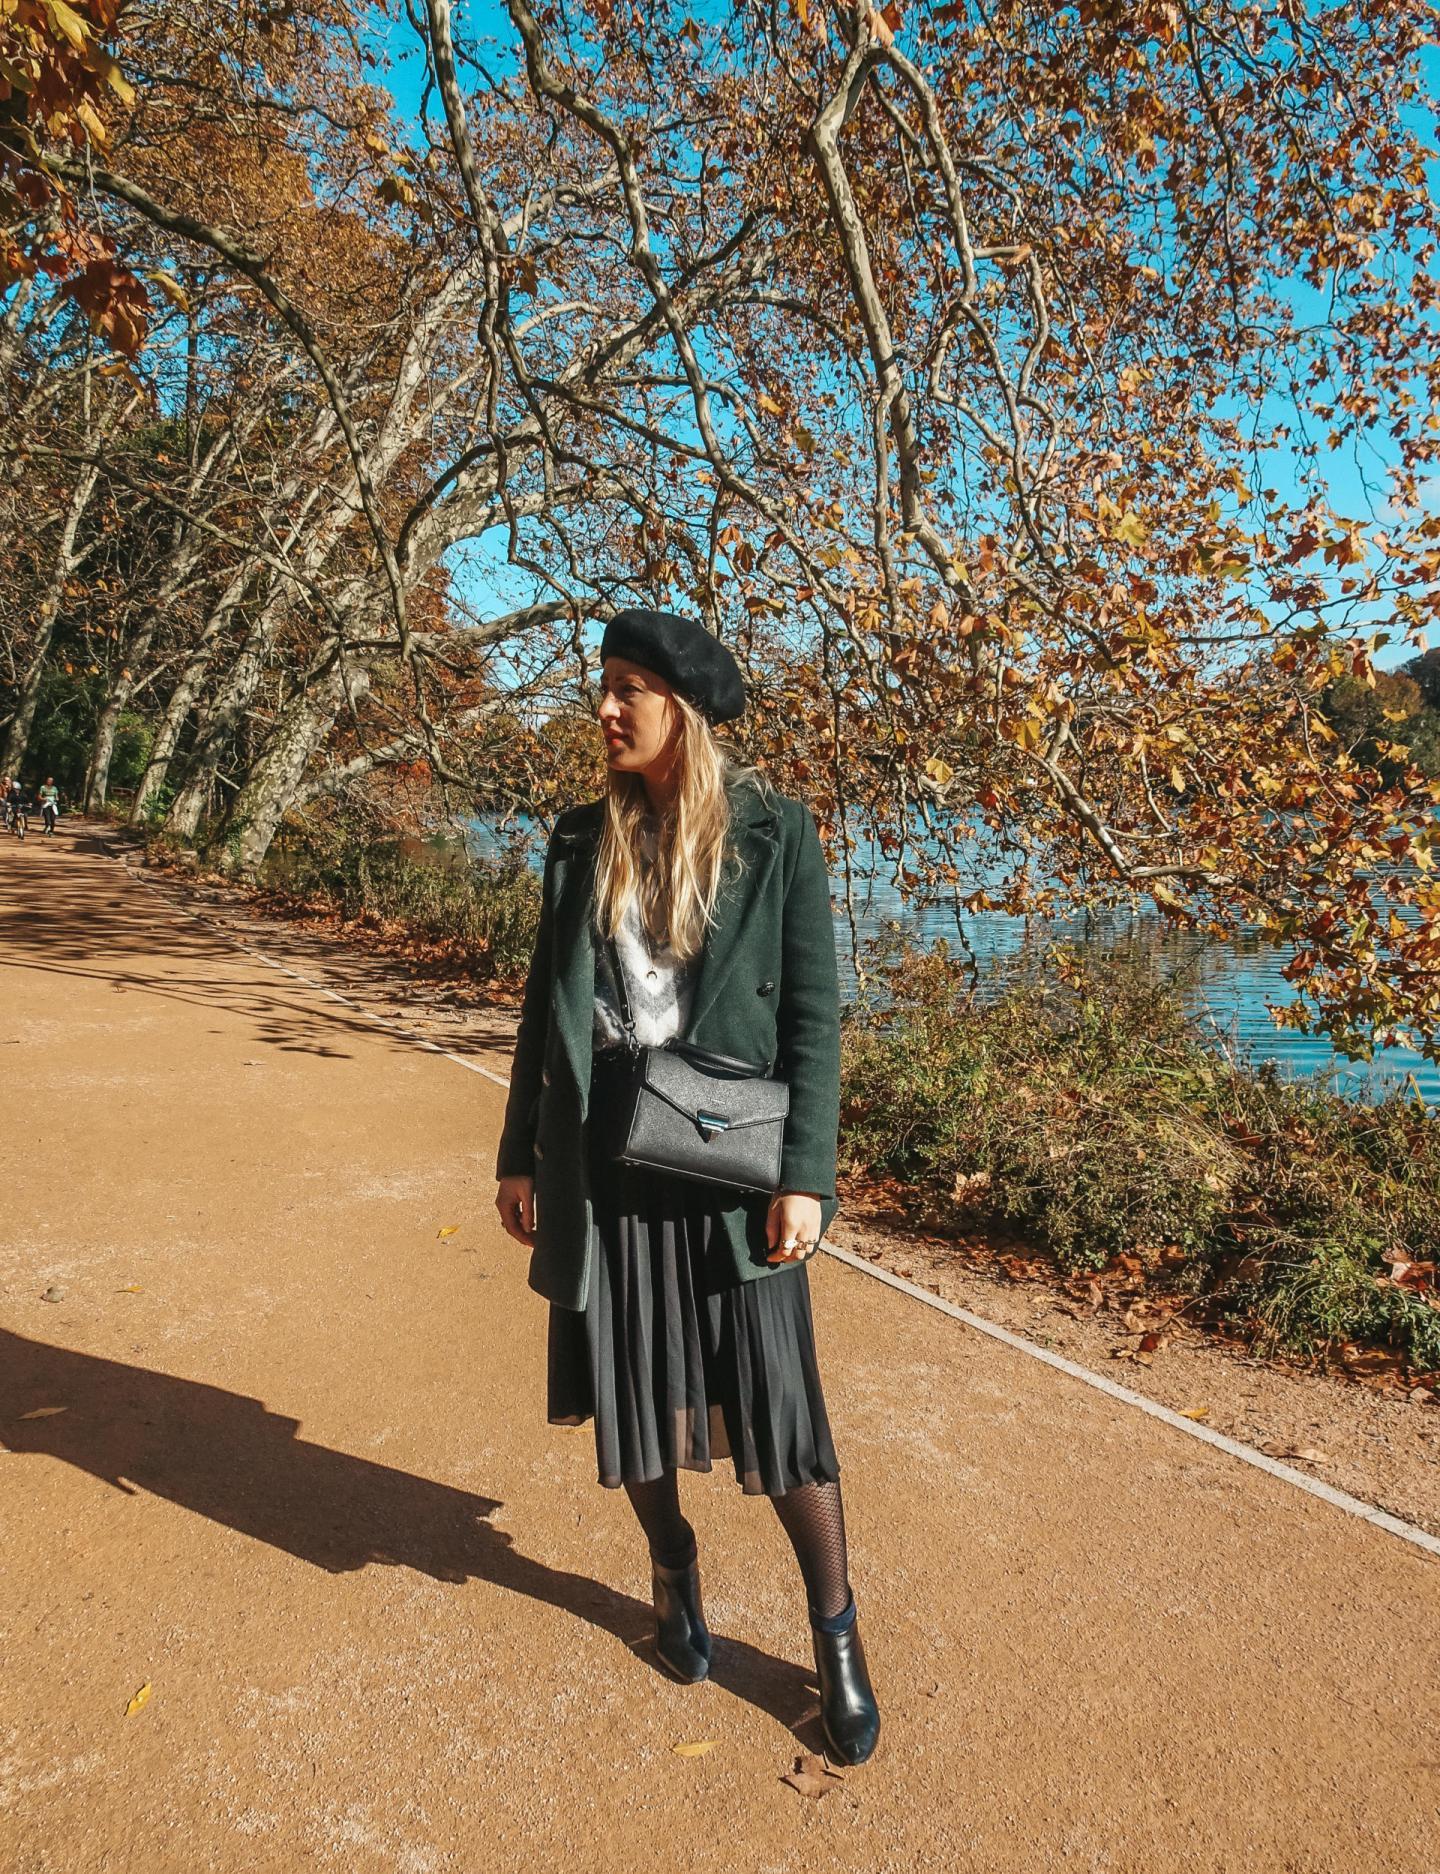 jupe longue en automne/hiver